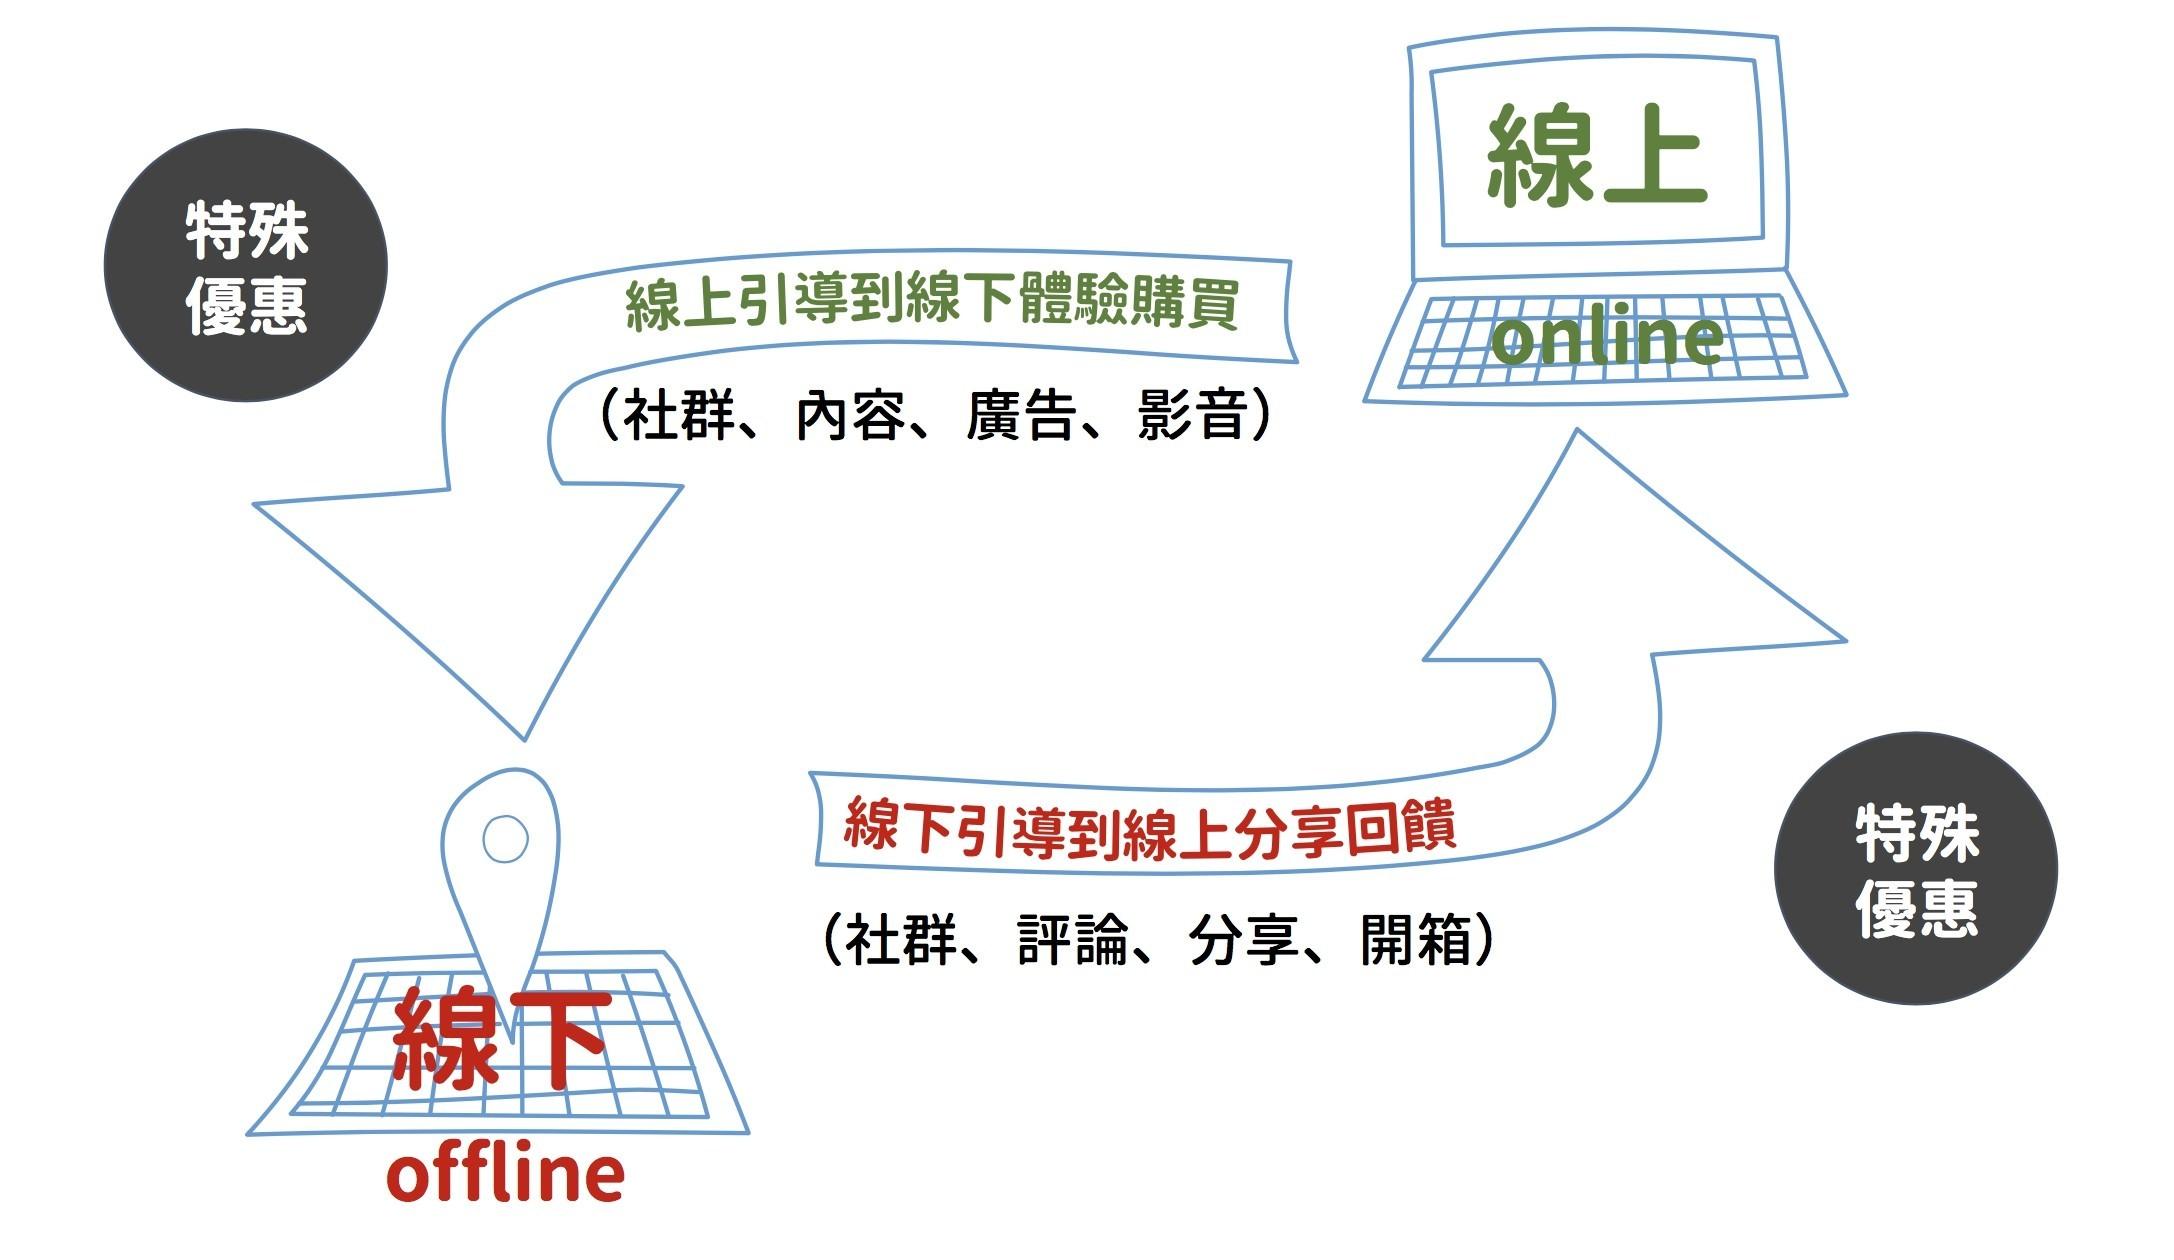 全網行銷O2O虛實整合行銷策略-鯊客科技SEO網頁設計公司